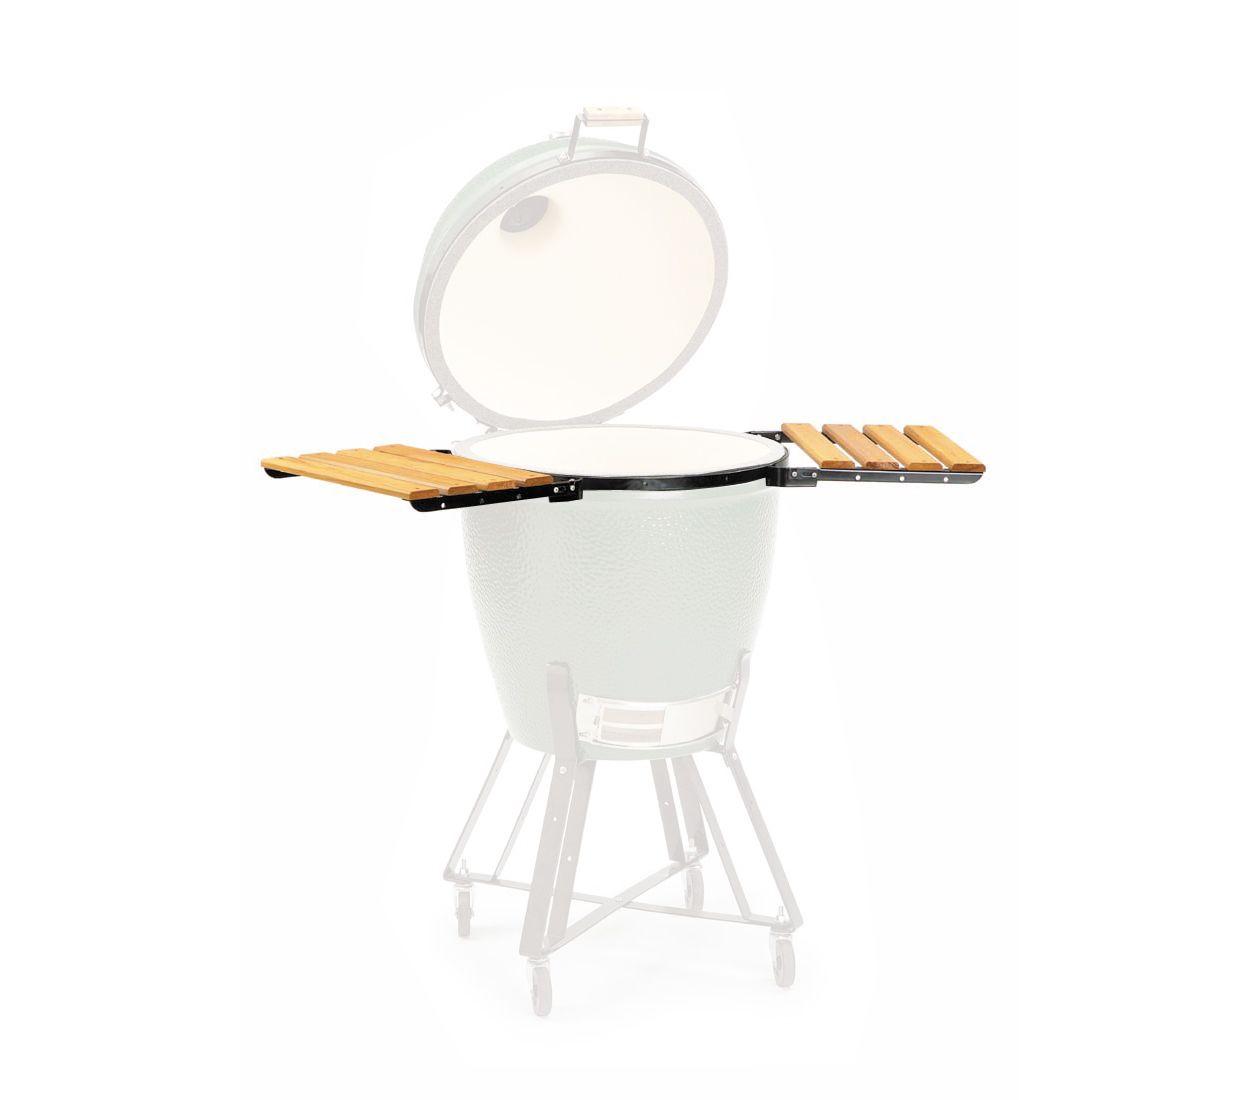 Столики для гриля MEDIUM EGG, Big Green EggАксессуары<br>Рабочие боковые столики&#13;<br>Готовить с комфортом – легко! Рабочие боковые столики позволят разместить на них инструменты, продукты, тарелки для готовящихся блюд. Термостойкое долговечное дерево не выгорает, не требует лакировки. После использования поверхность столиков достаточно протереть тканью. Столики изготовлены из прочного, качественного дерева и оснащены металлическими опорами. Между использованиями для удобства хранения столики можно опустить вниз.&#13;<br>Столики подходят для моделей Small, Medium, Large, XLarge.&#13;<br><br>